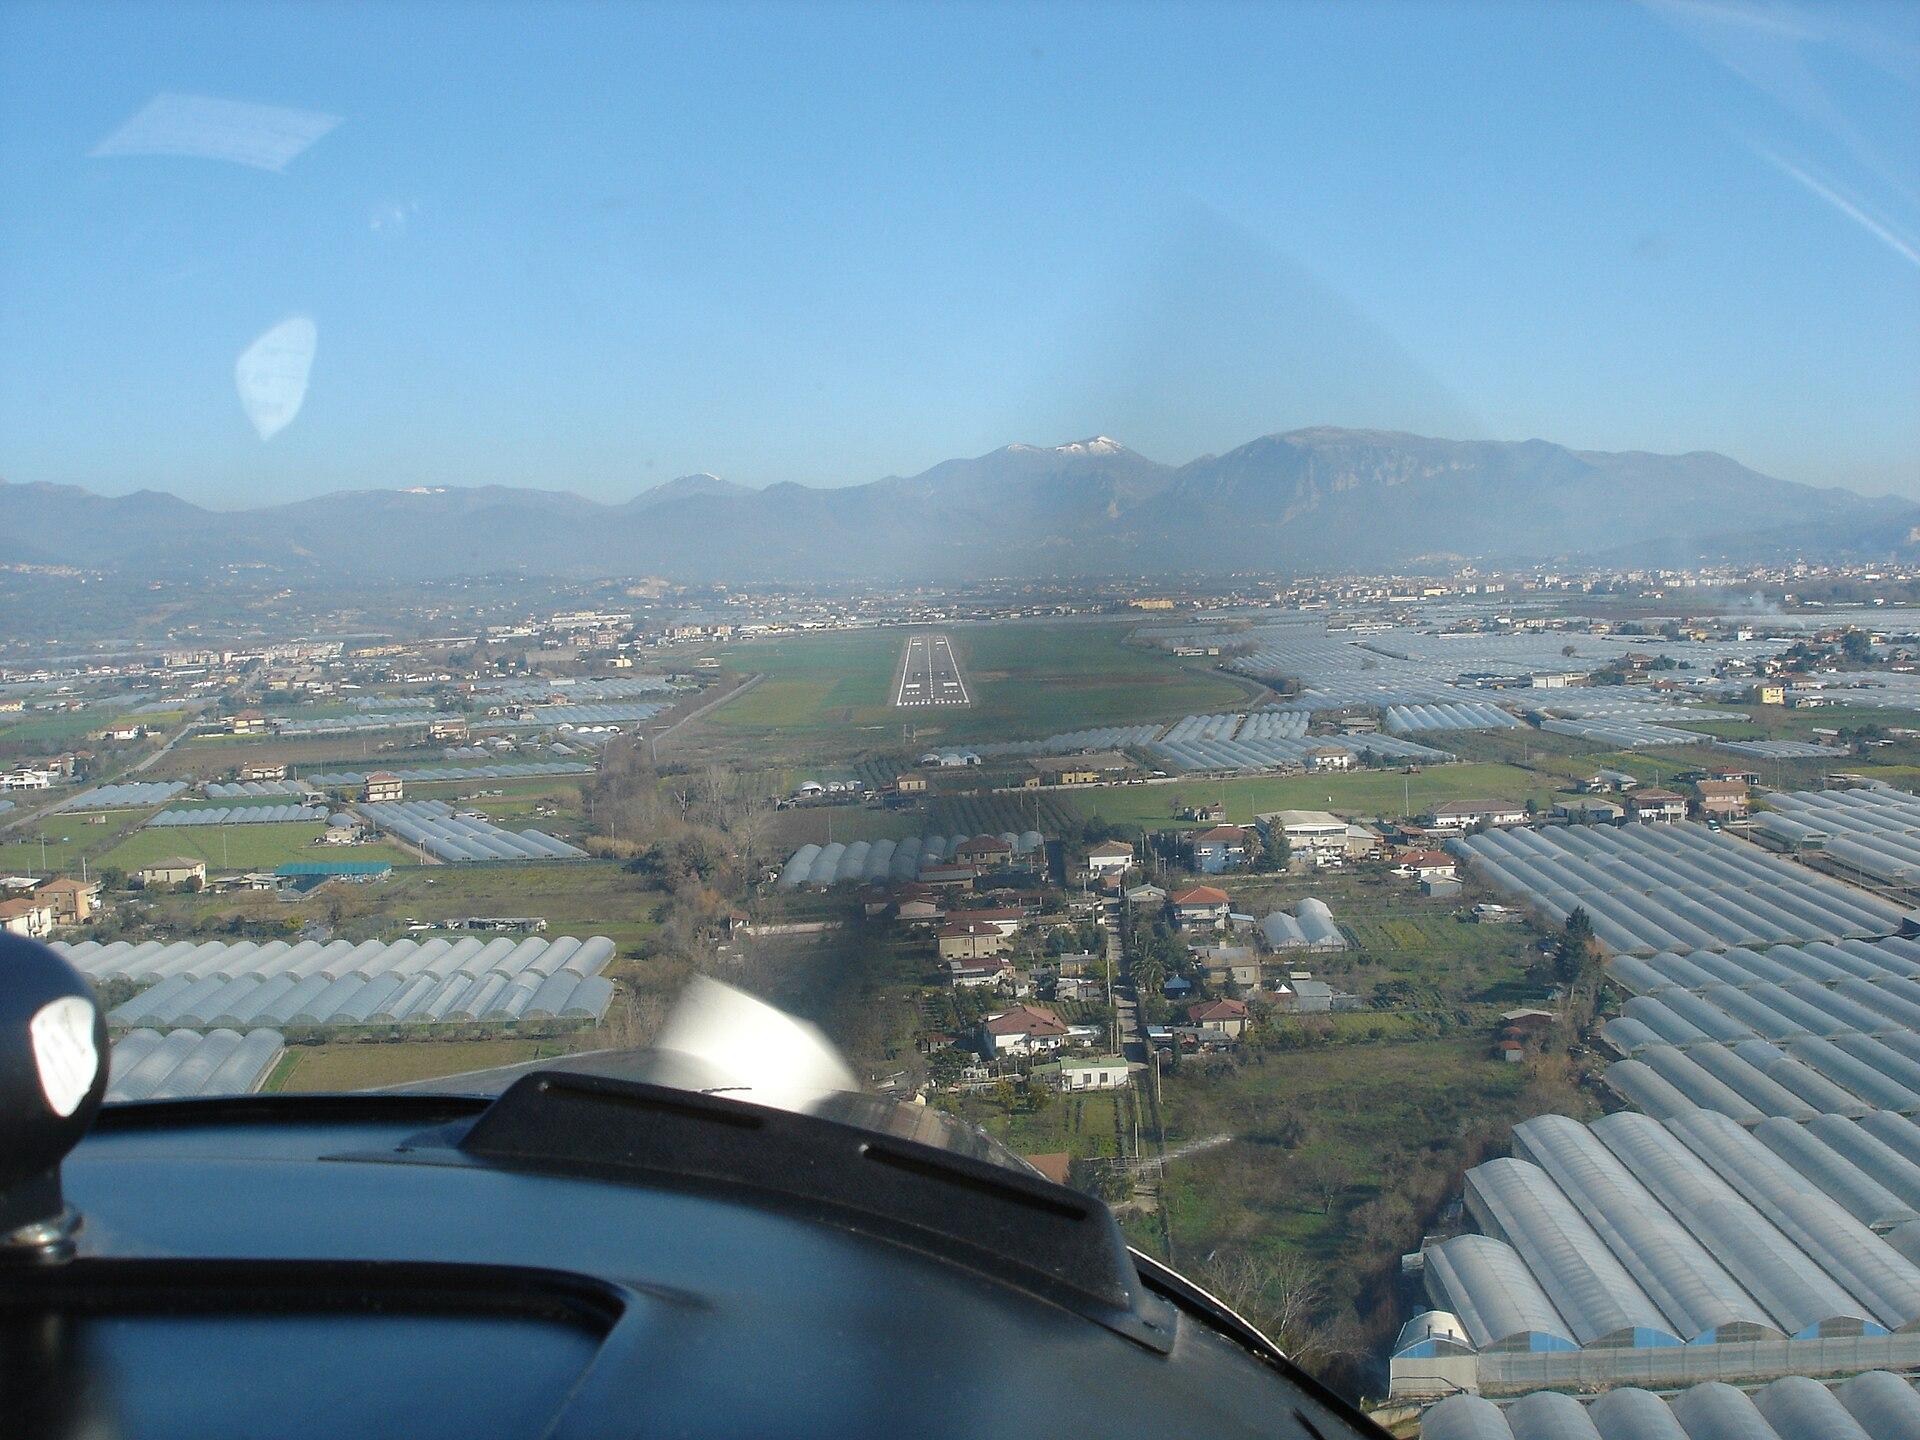 Aeroporto Salerno : Aeroporto di salerno costa d amalfi wikipedia